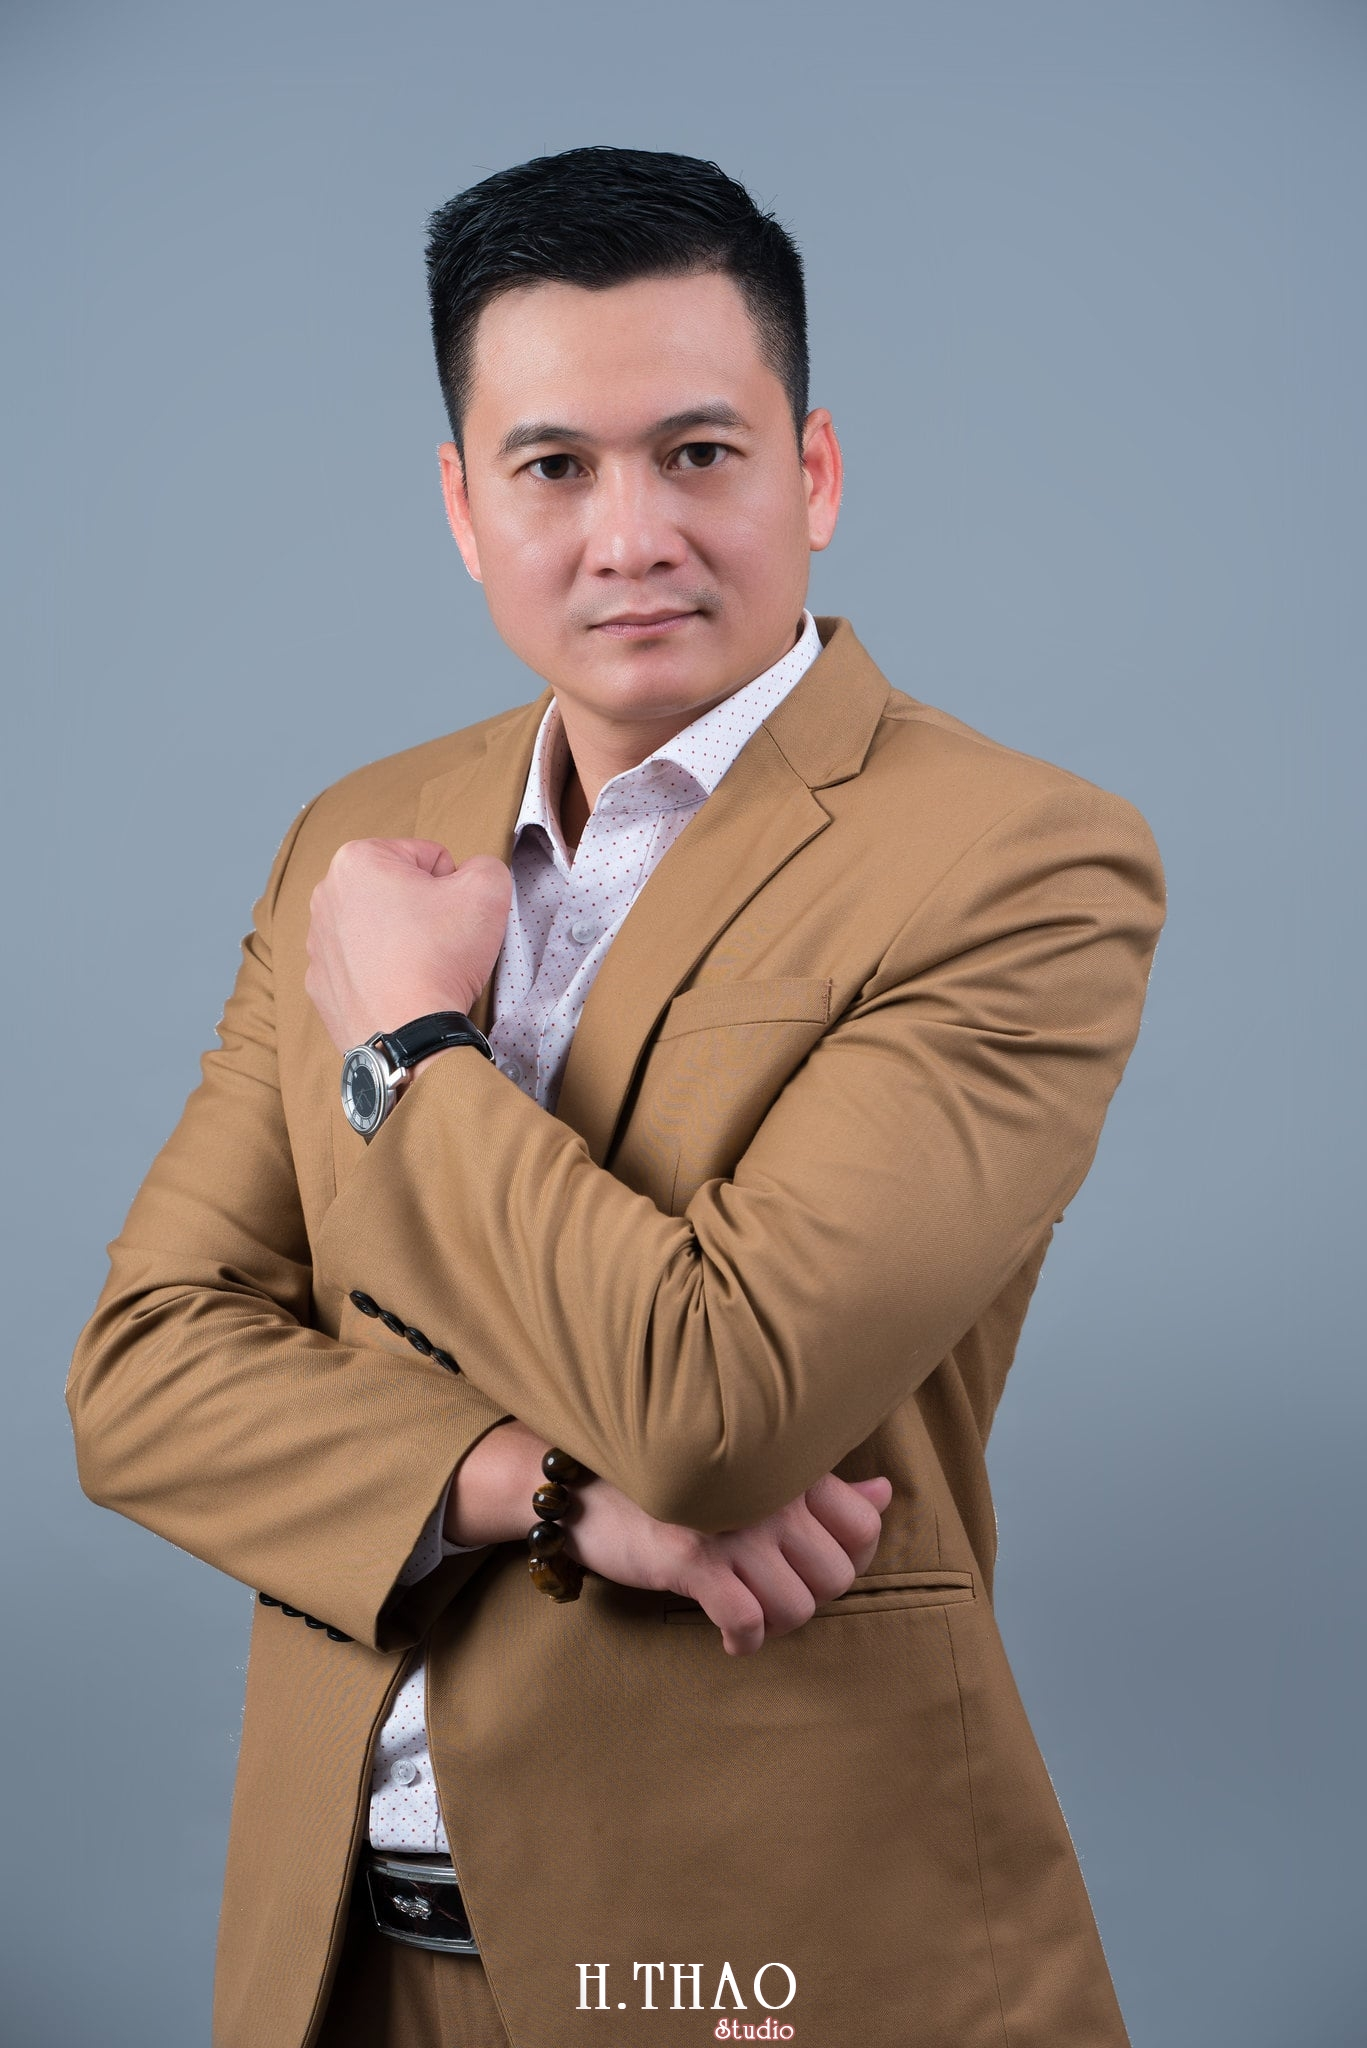 nh doanh nhân nam lịch lãm - Album ảnh chuẩn phong cách doanh nhân Hưng Nguyễn - HThao Studio